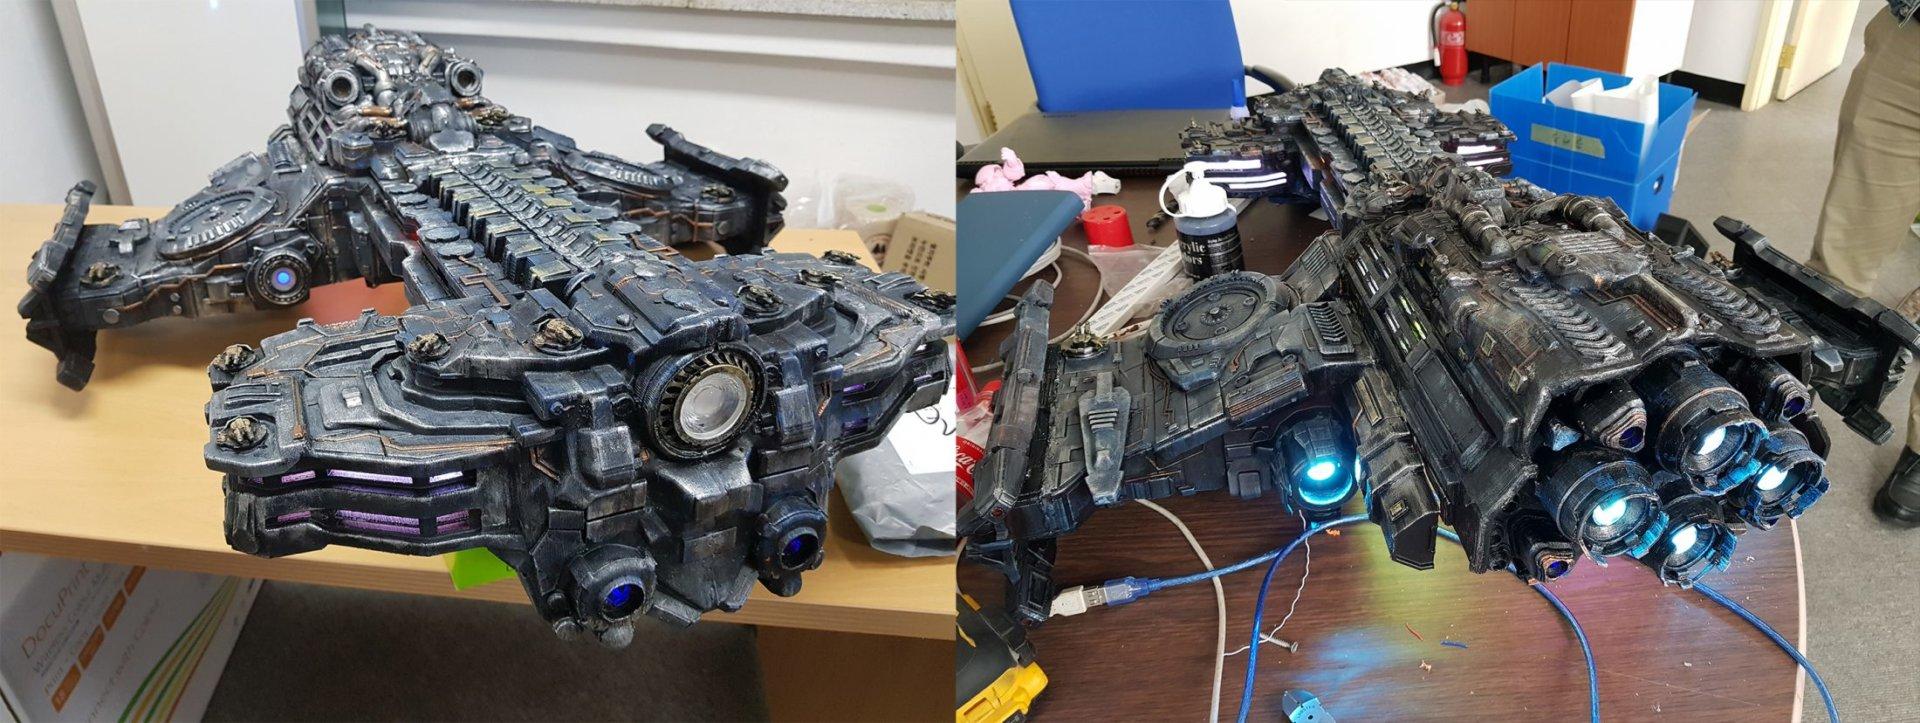 Meet the Maker of the 3D Printed Starcraft Battlecruiser